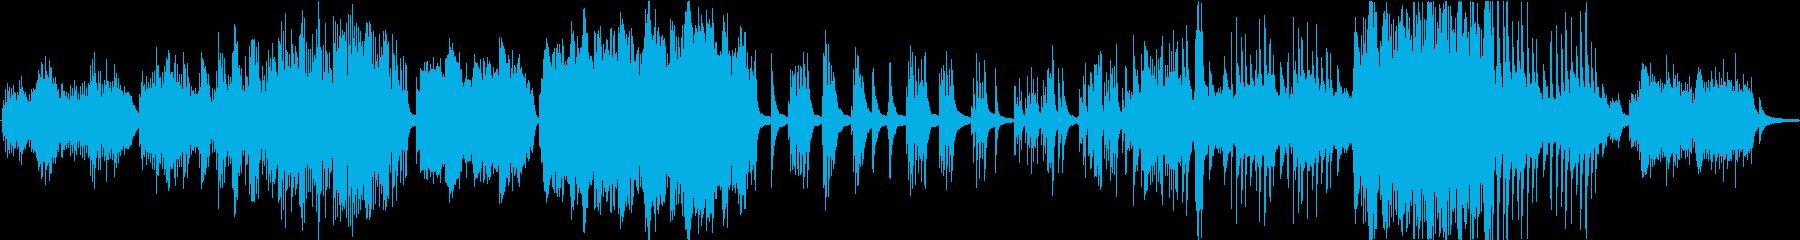 ピアノソロ。ピアノバー、キッチュな...の再生済みの波形